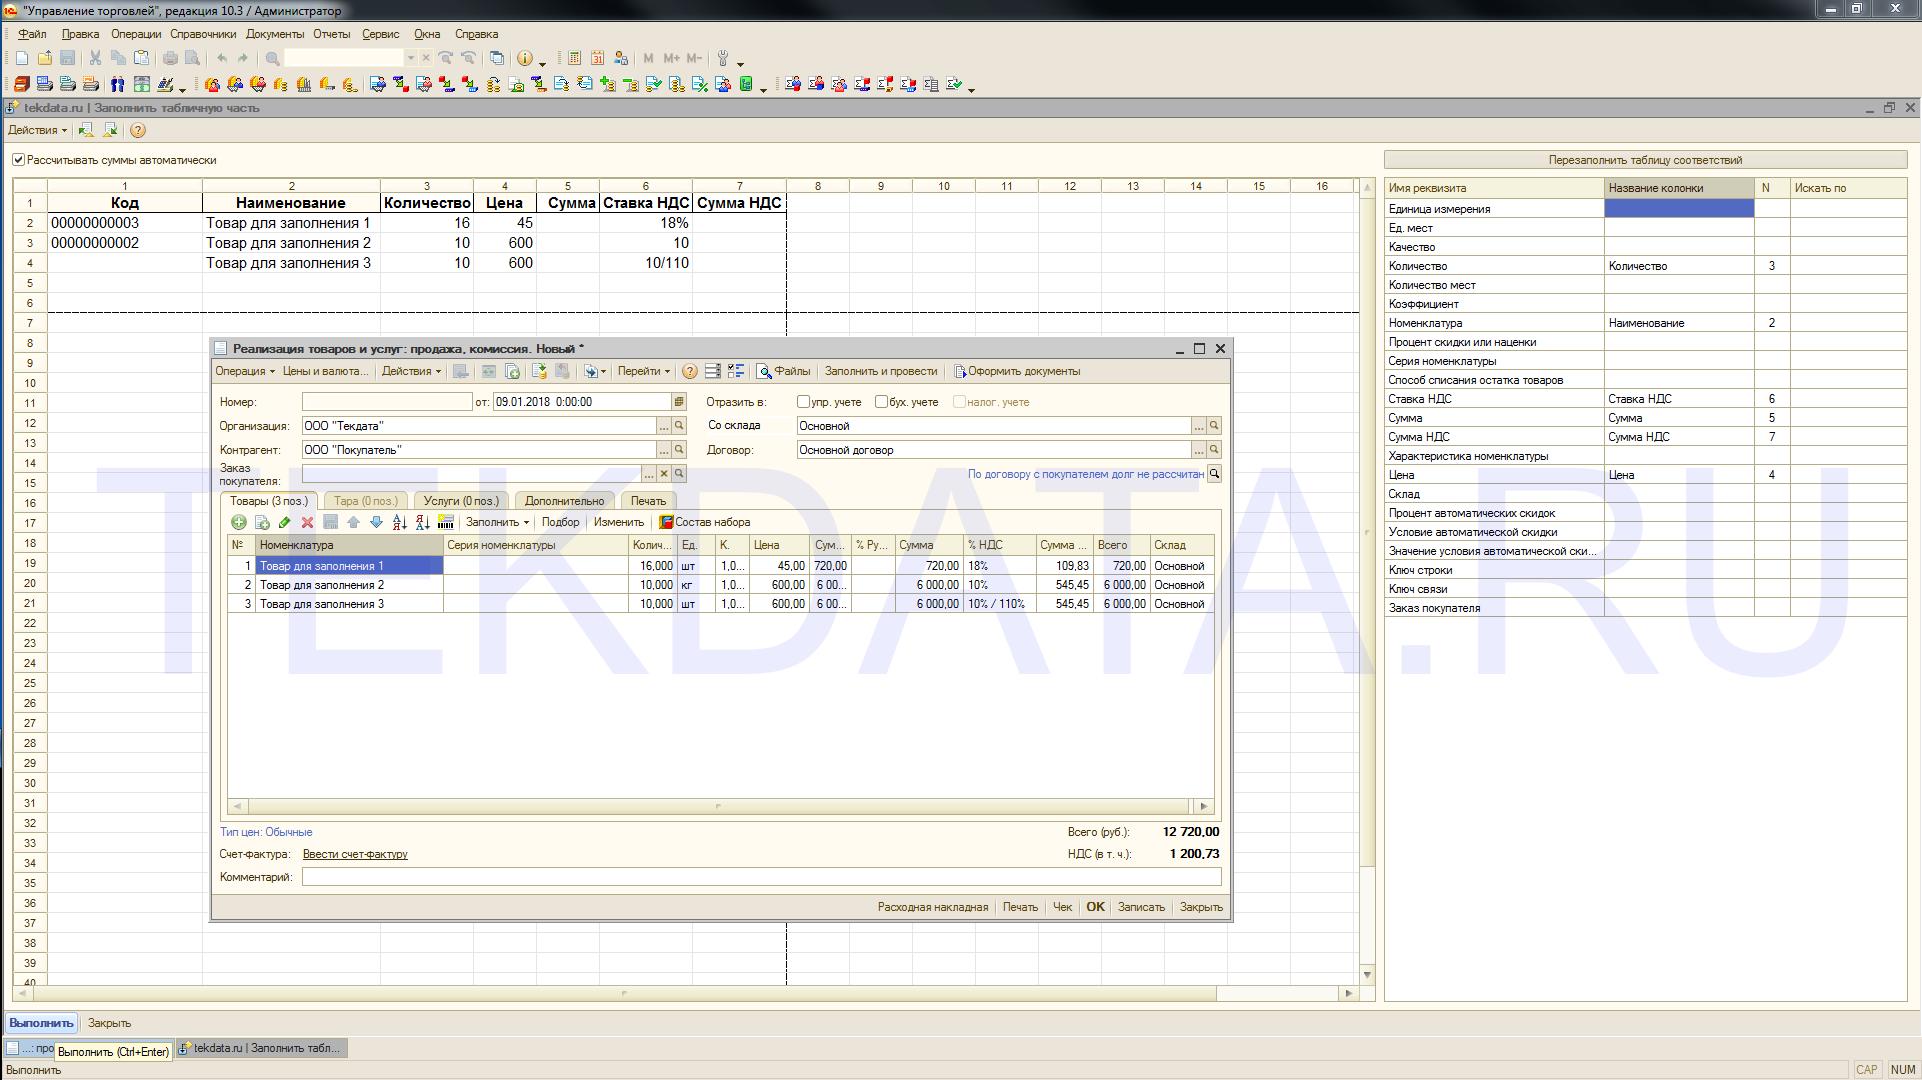 Универсальное заполнение табличных частей документов из произвольной таблицы (Excel или выгруженной из 1С) в 1С УТ 10.3 (Внешняя обработка)